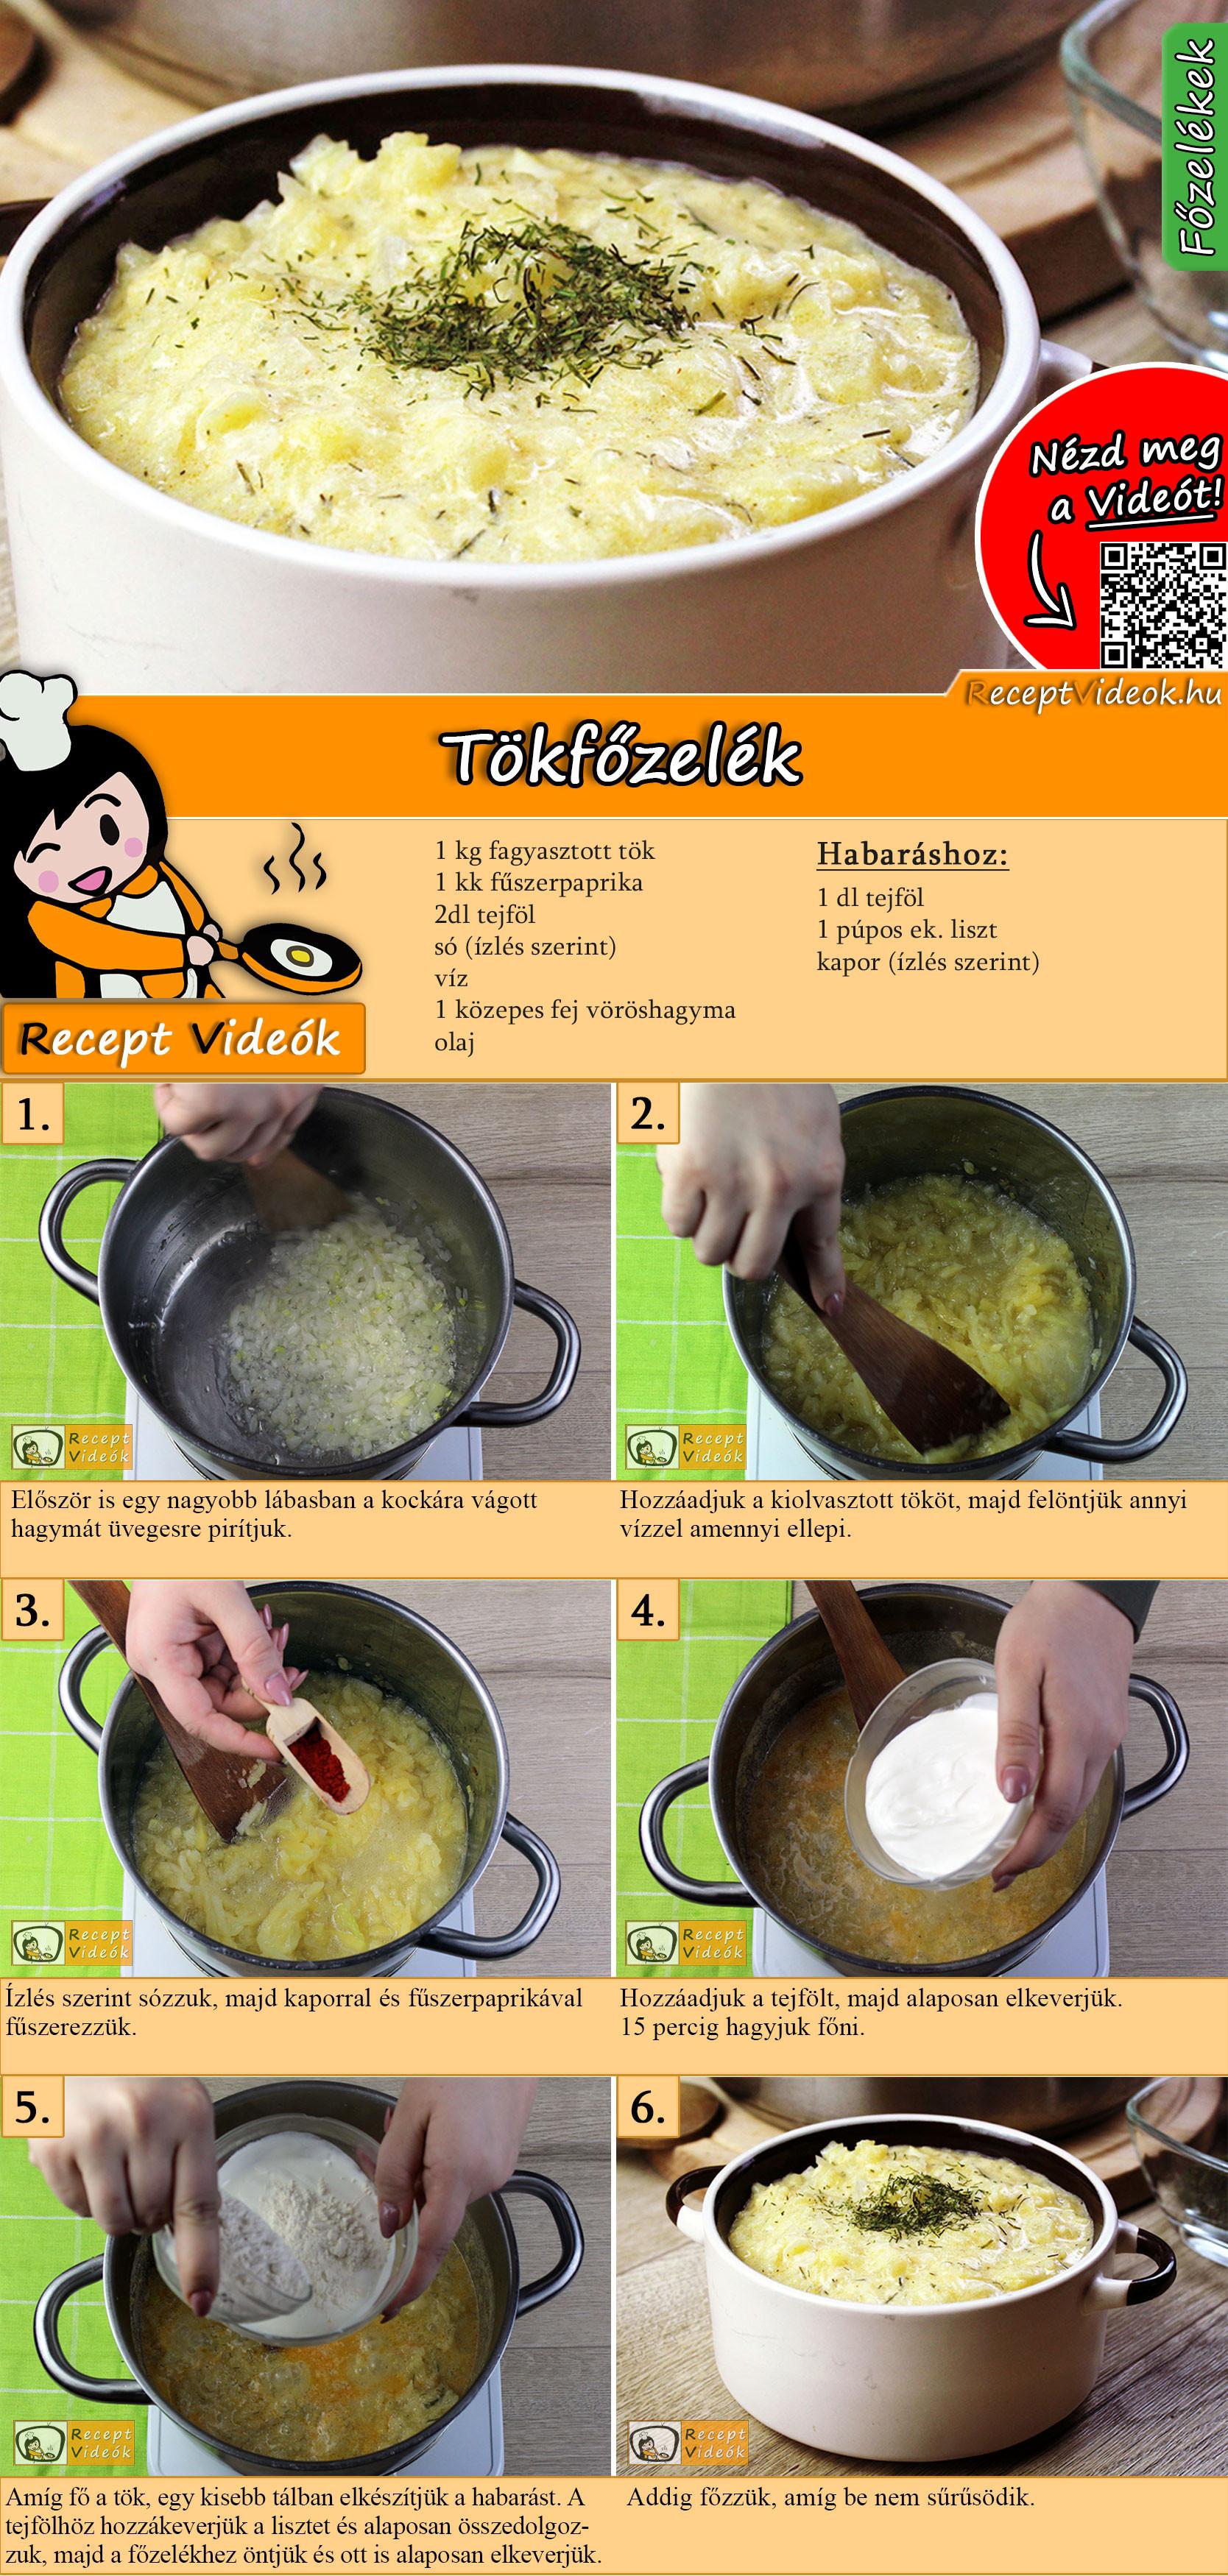 Tökfőzelék recept elkészítése videóval